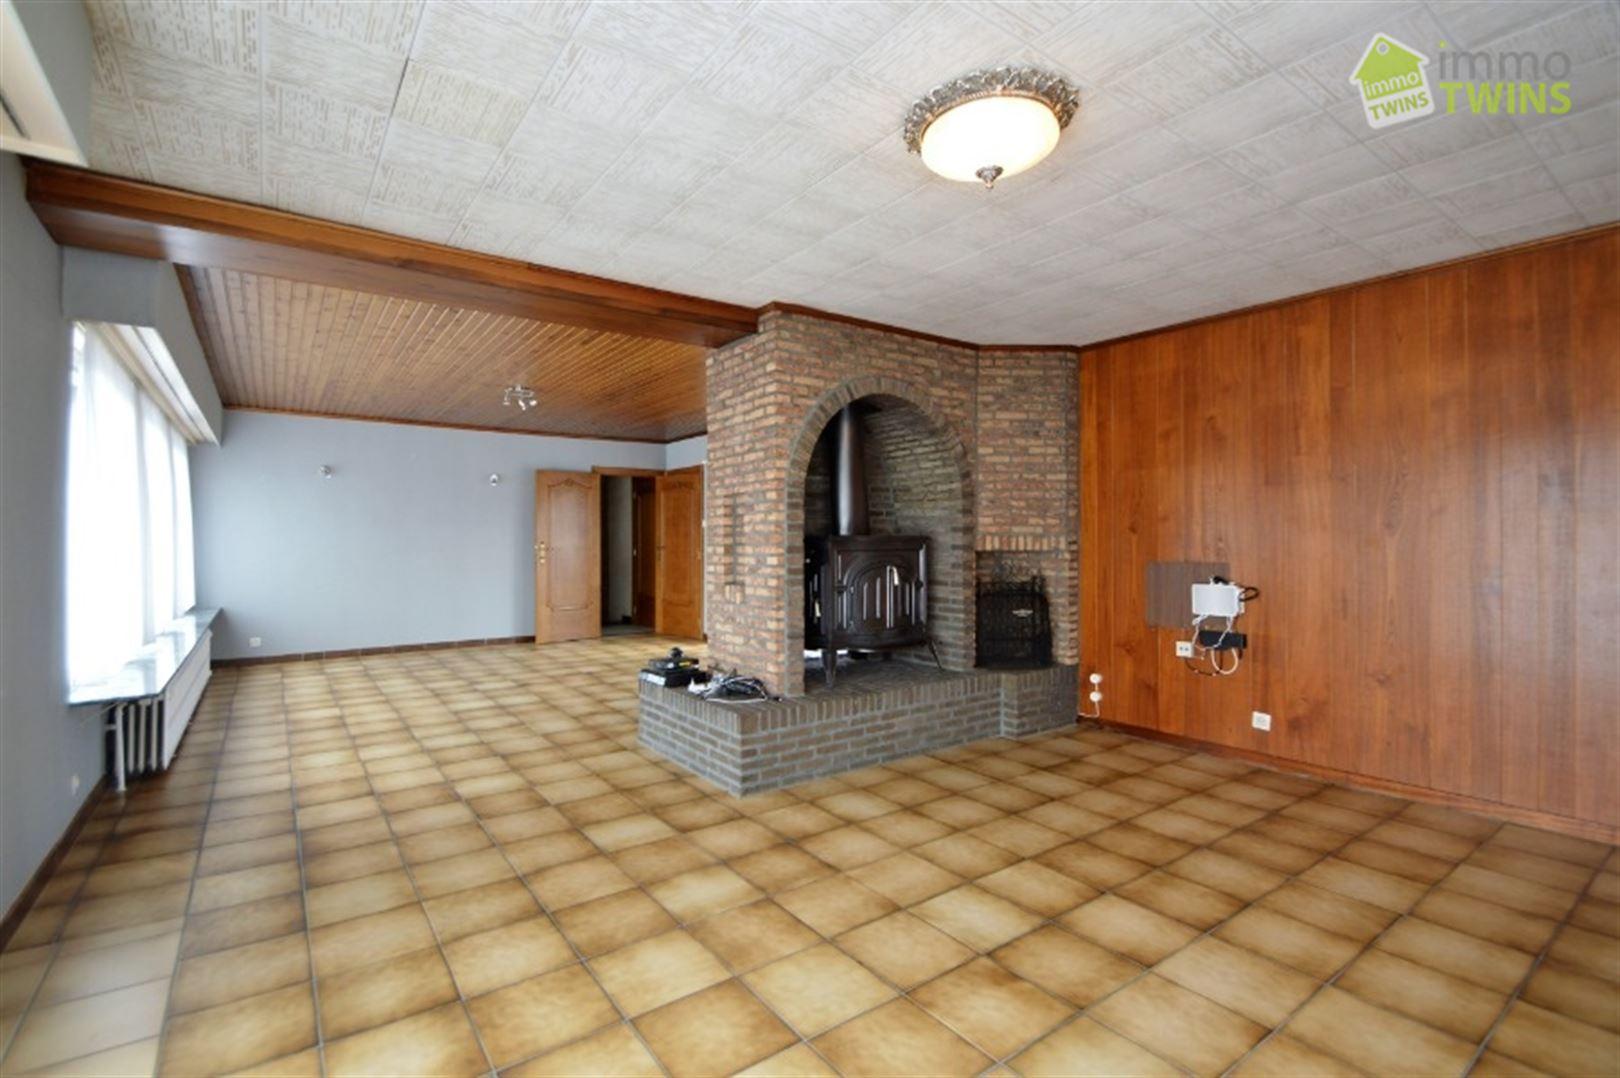 Foto 2 : Appartement te 9200 Oudegem (België) - Prijs € 700